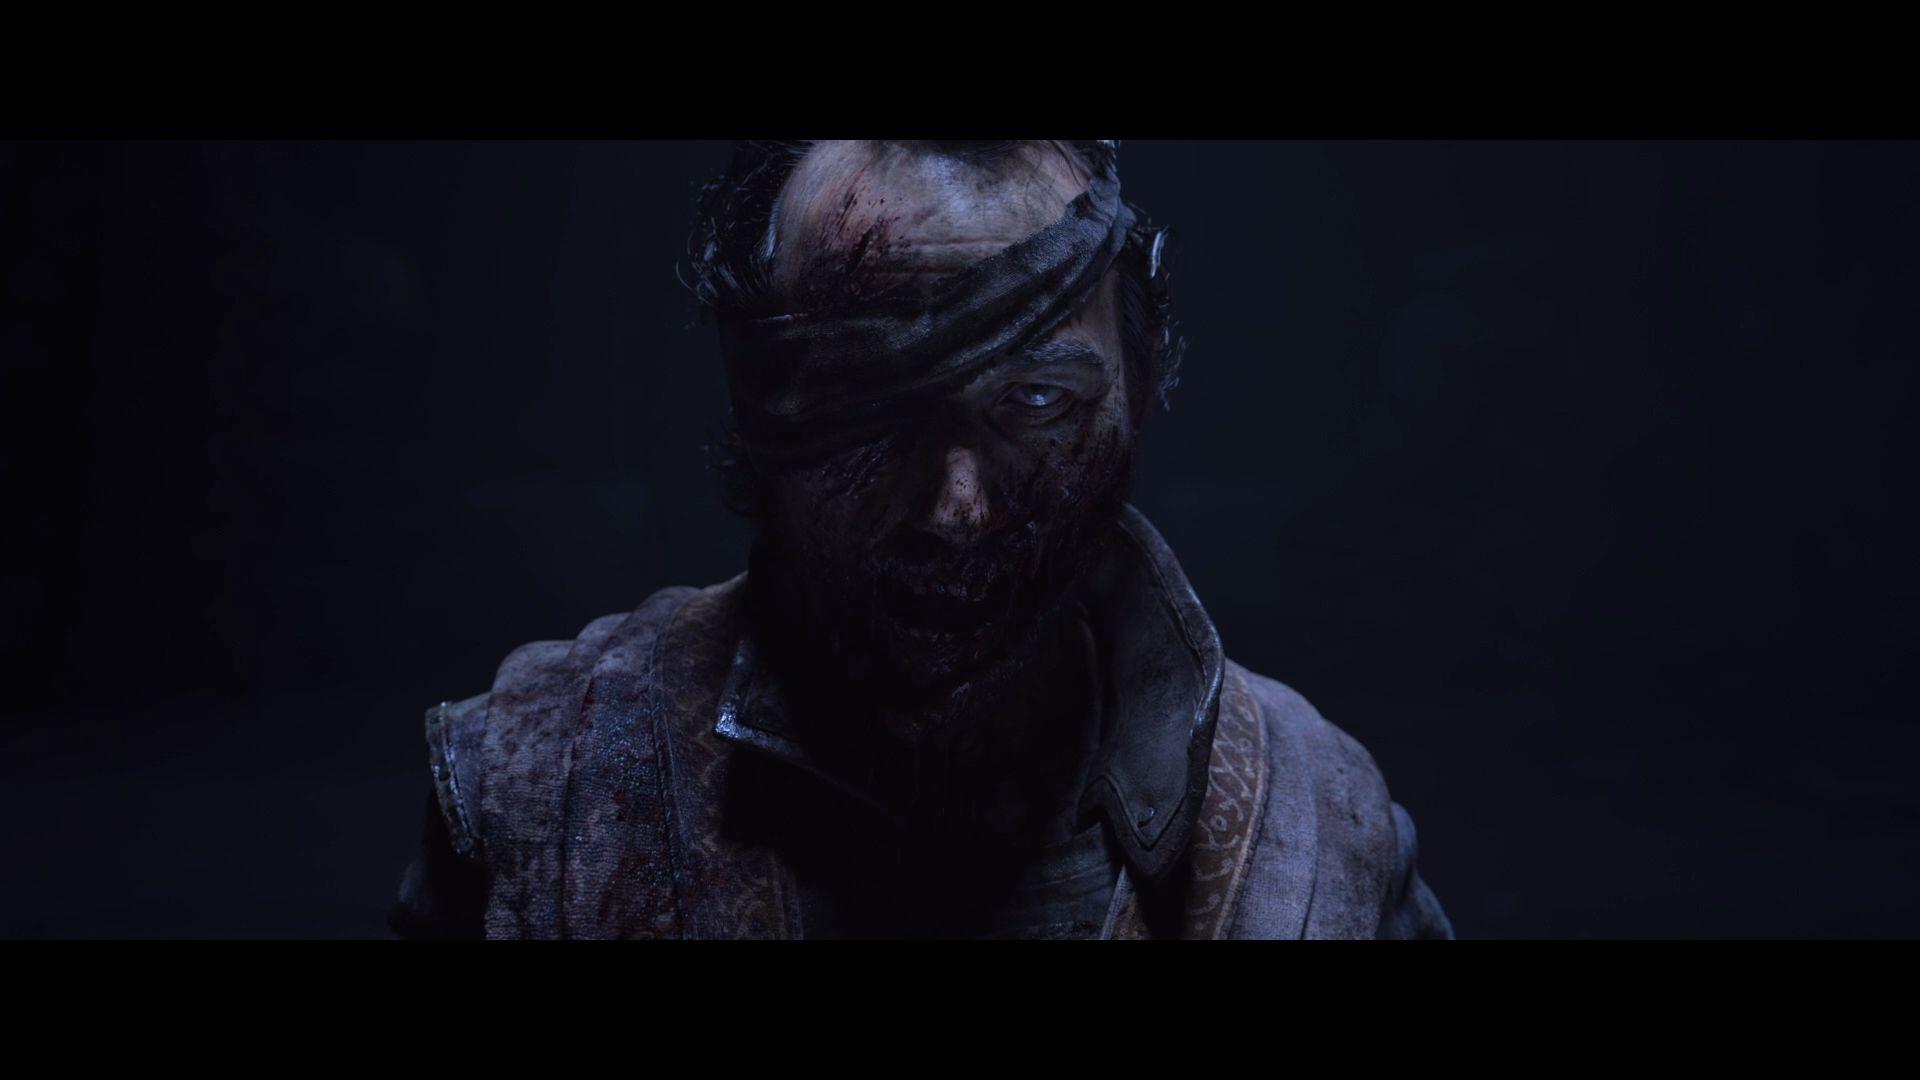 Diablo-4-Dunkler-erster-Screenshot